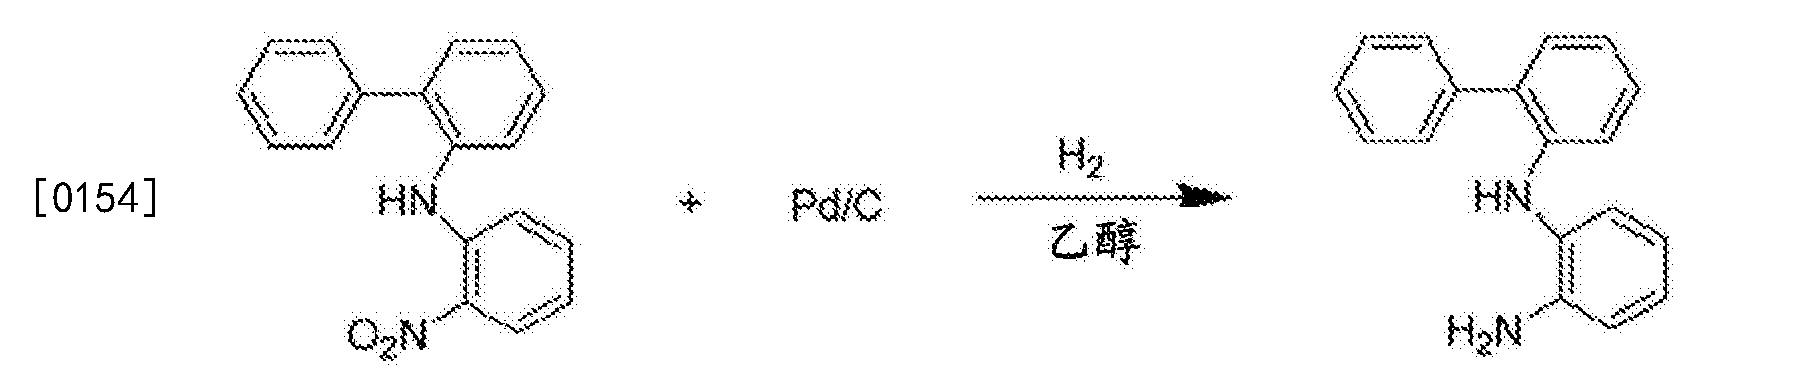 Figure CN103396455BD00523